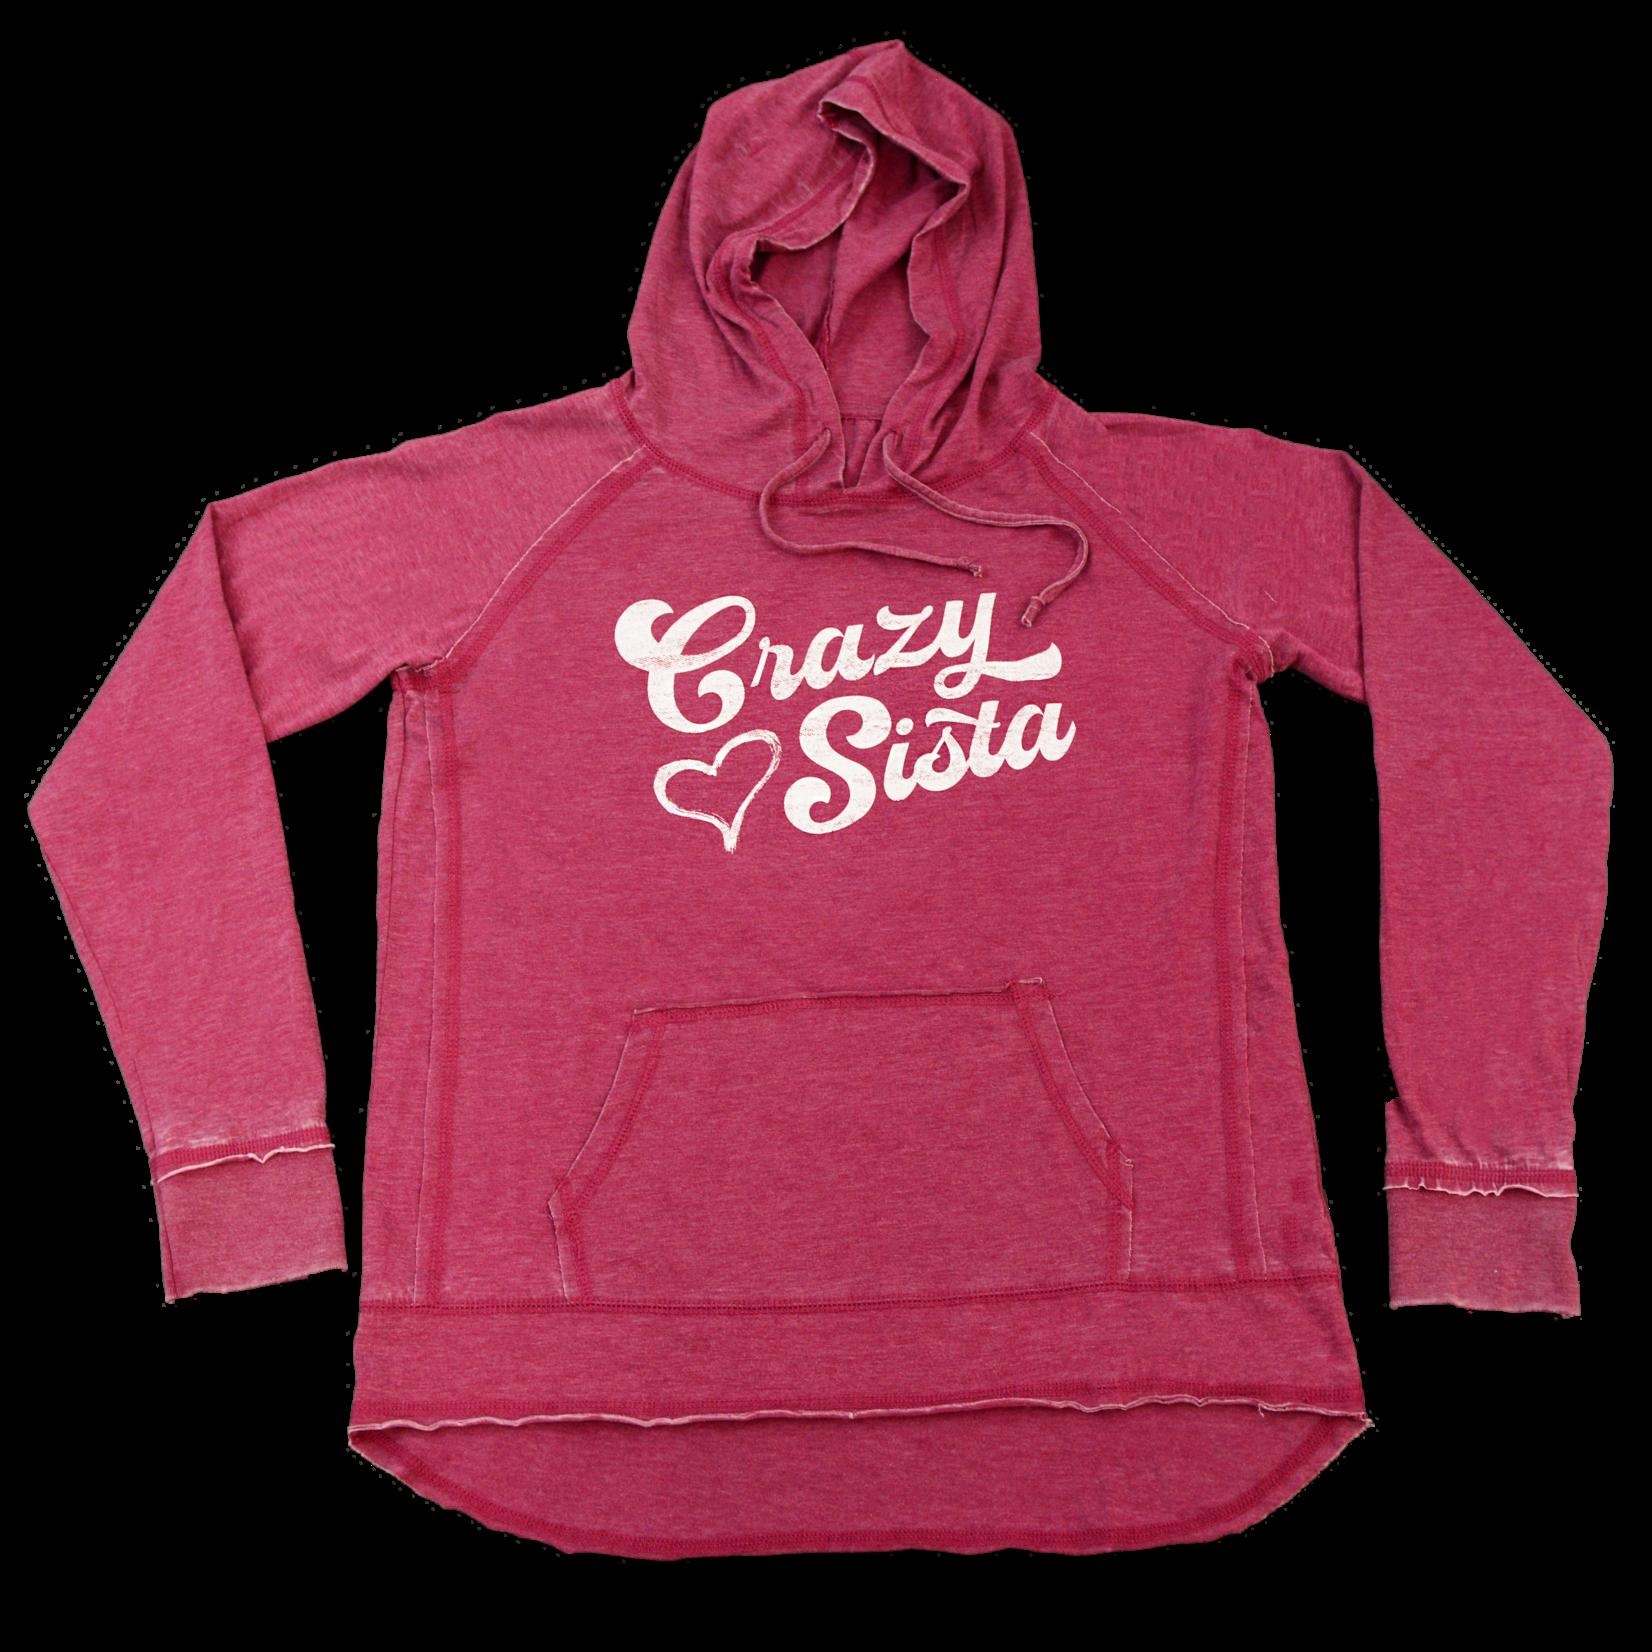 Crazy Sista Crazy Sista Heart Vintage Hoodie